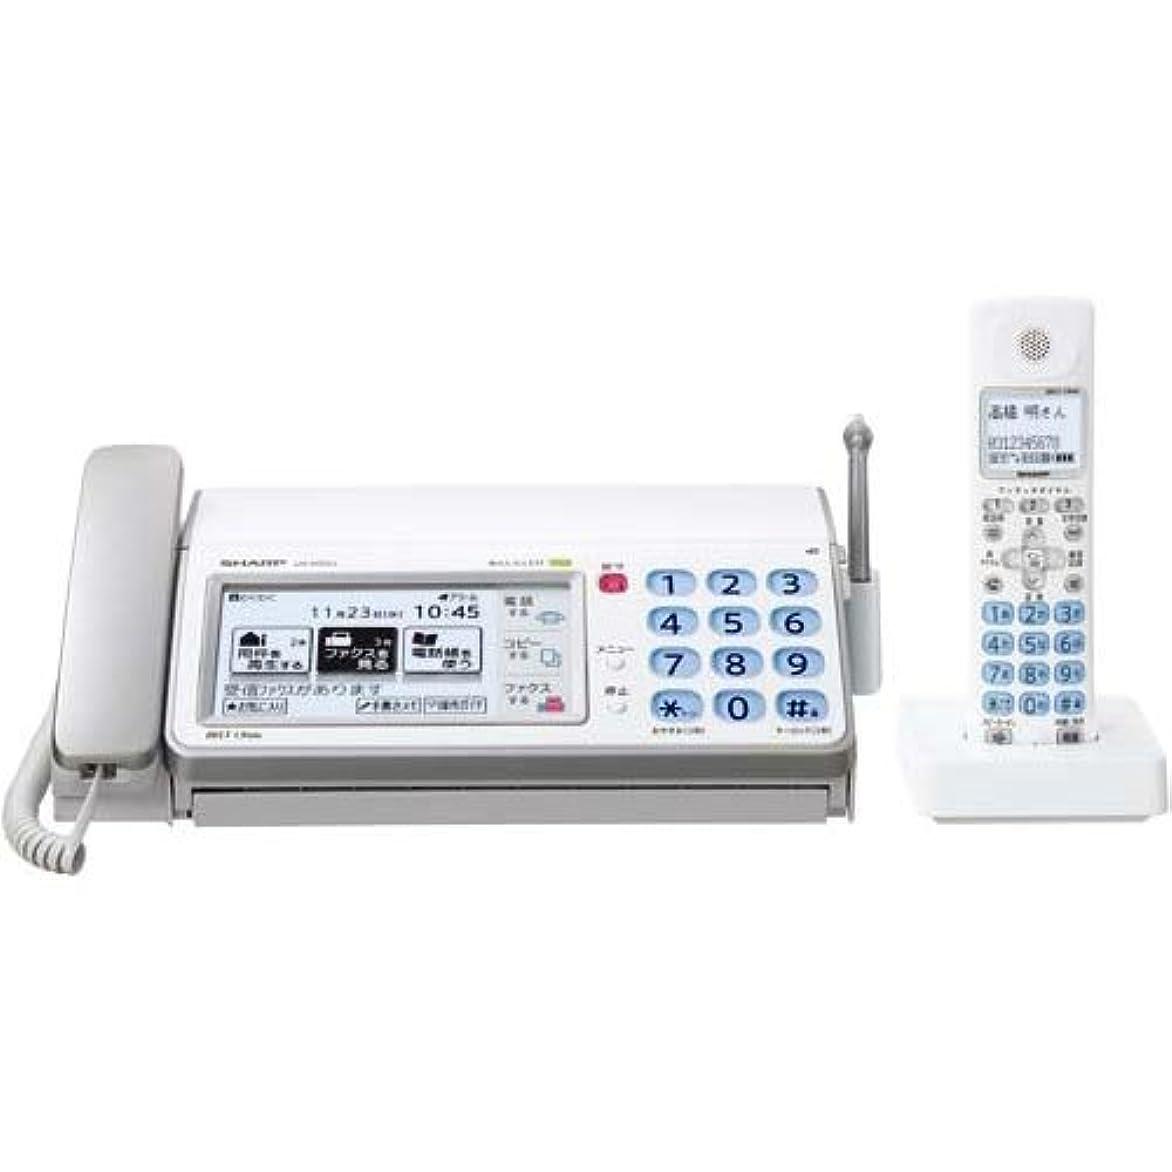 アンビエント時間振るシャープ デジタルコードレスFAX 子機1台付き 1.9GHz DECT準拠方式 UX-900CL